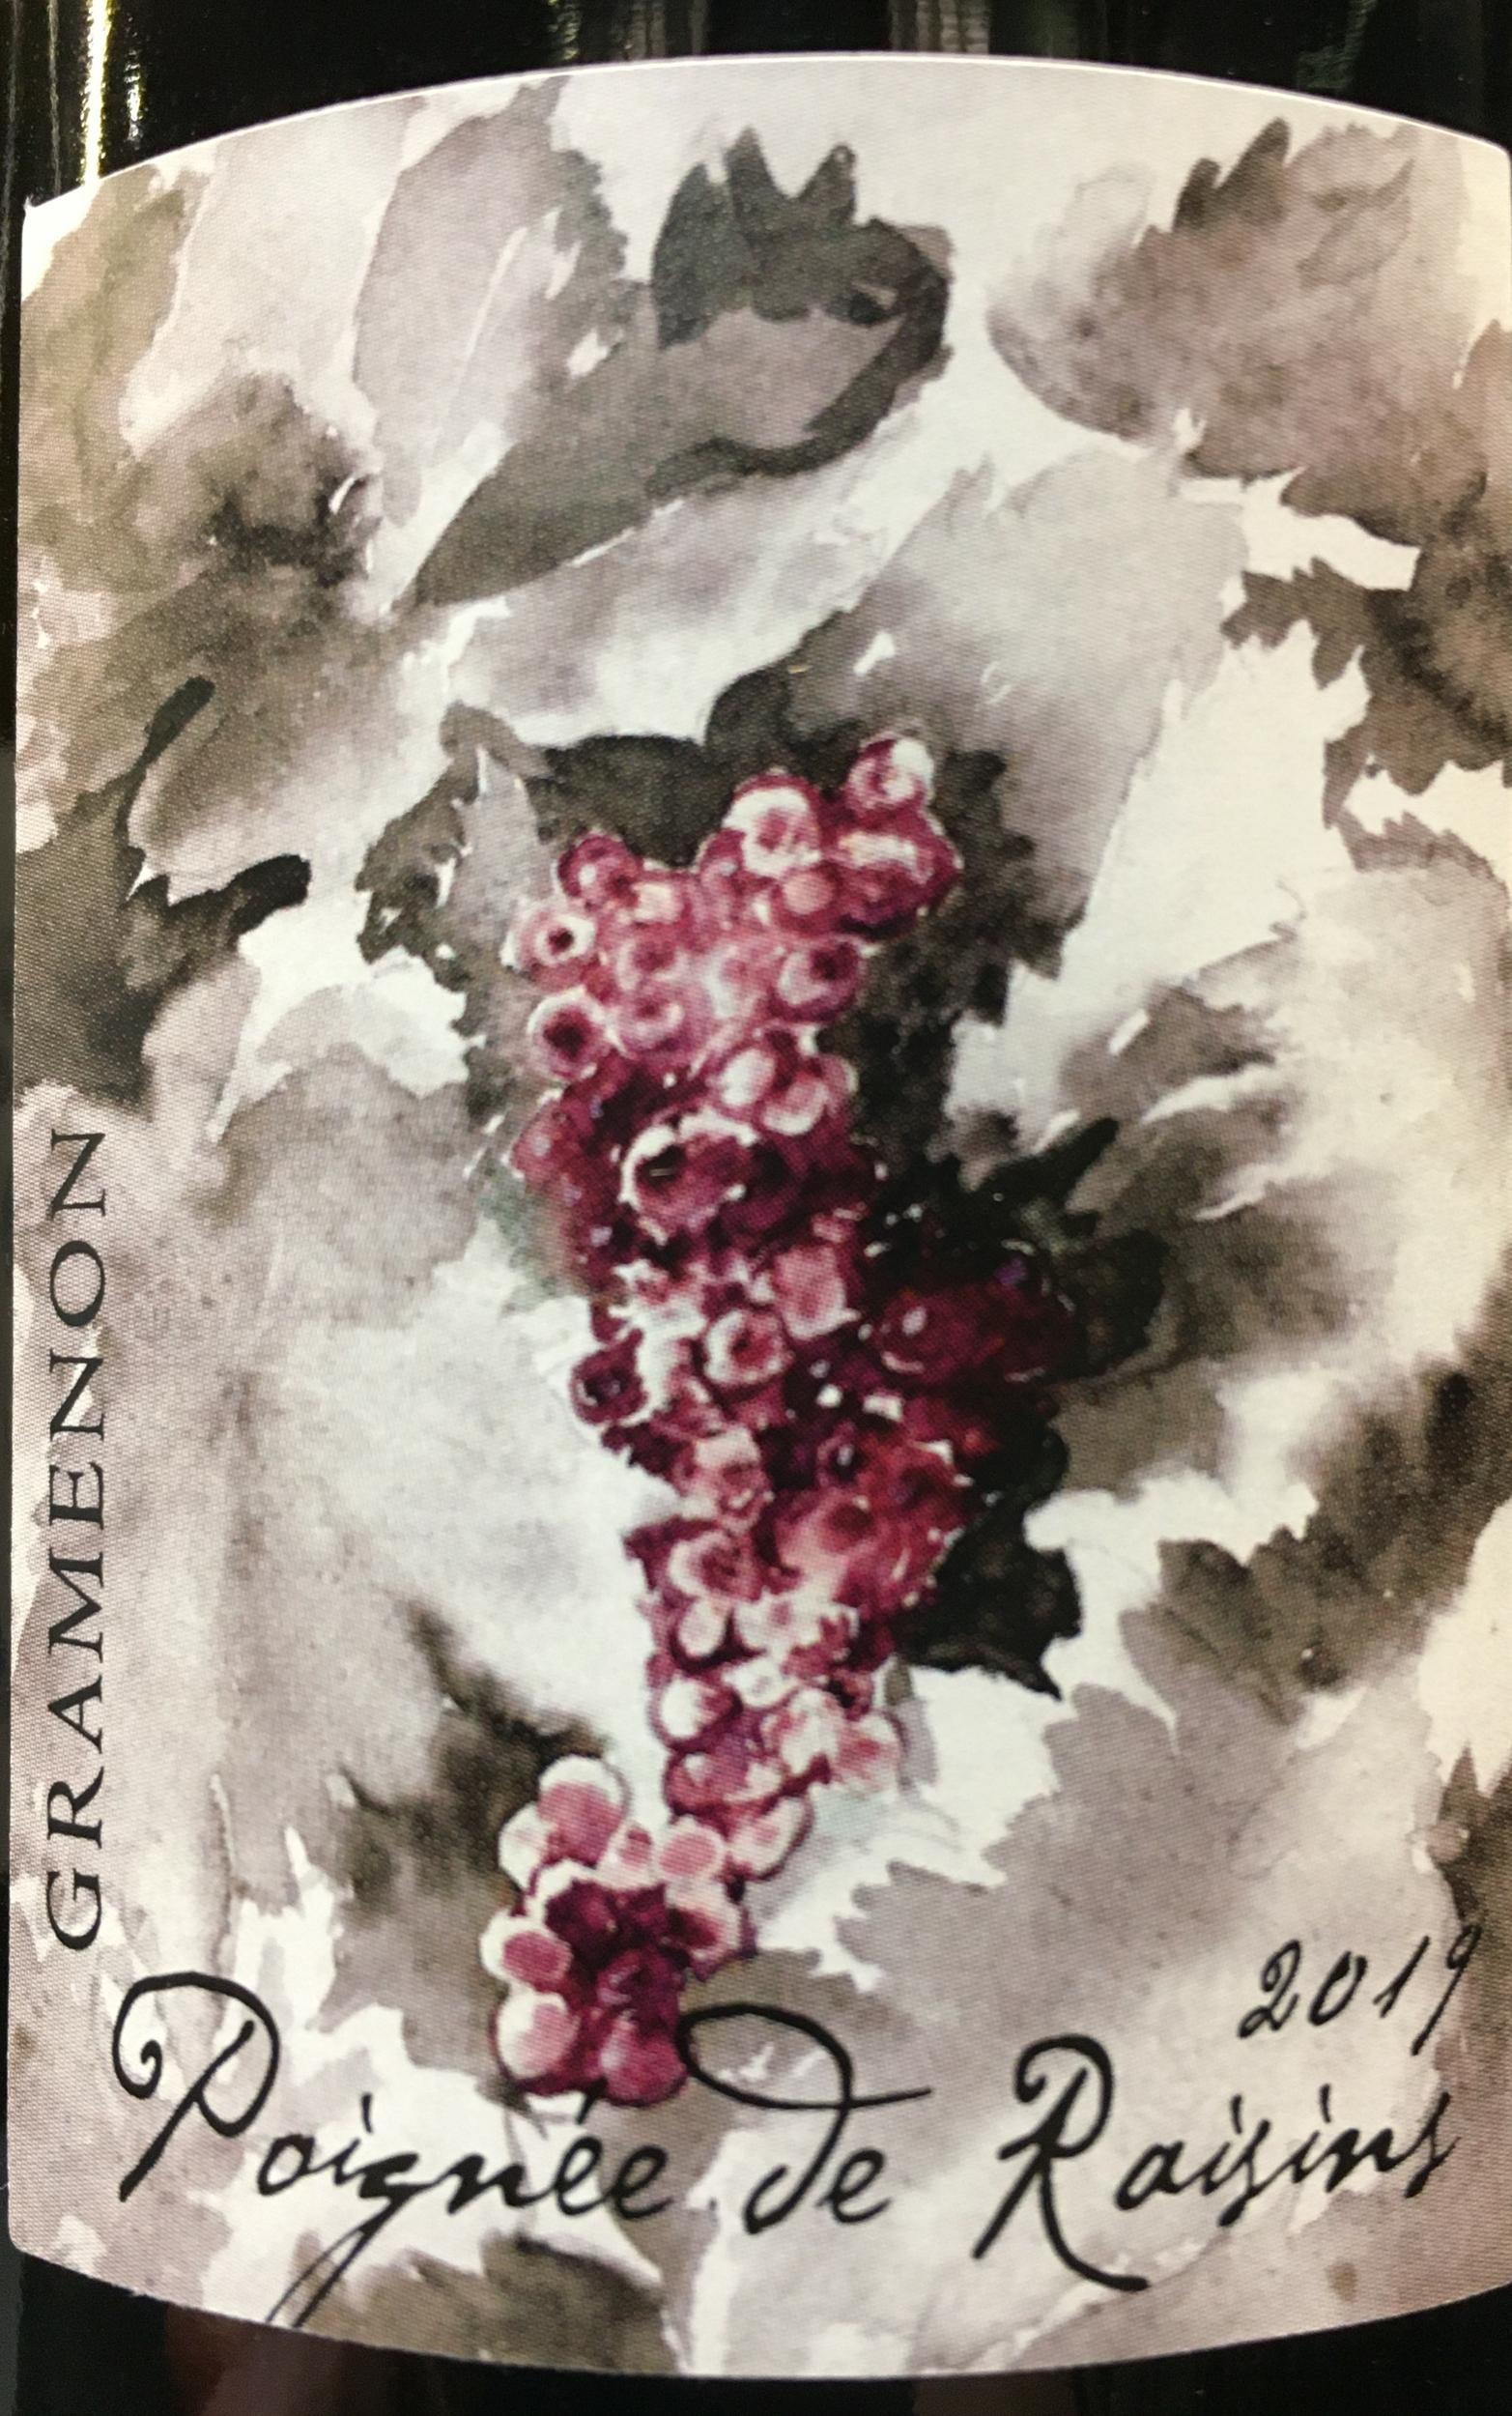 Poignée de Raisins